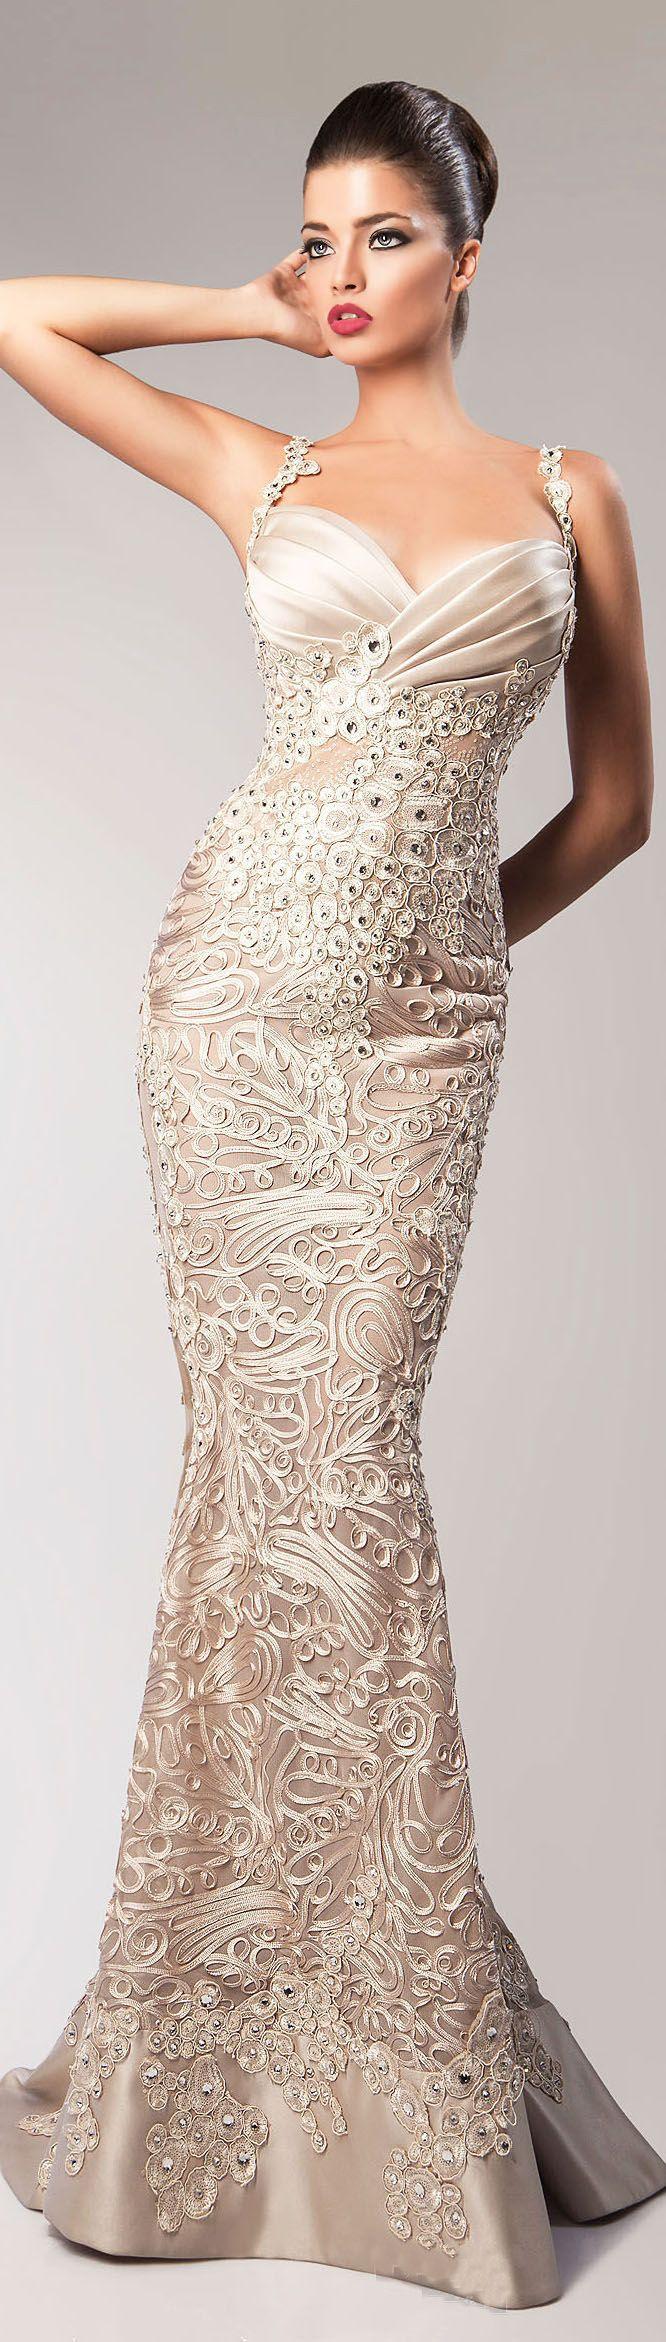 D g evening dresses sale 8mm